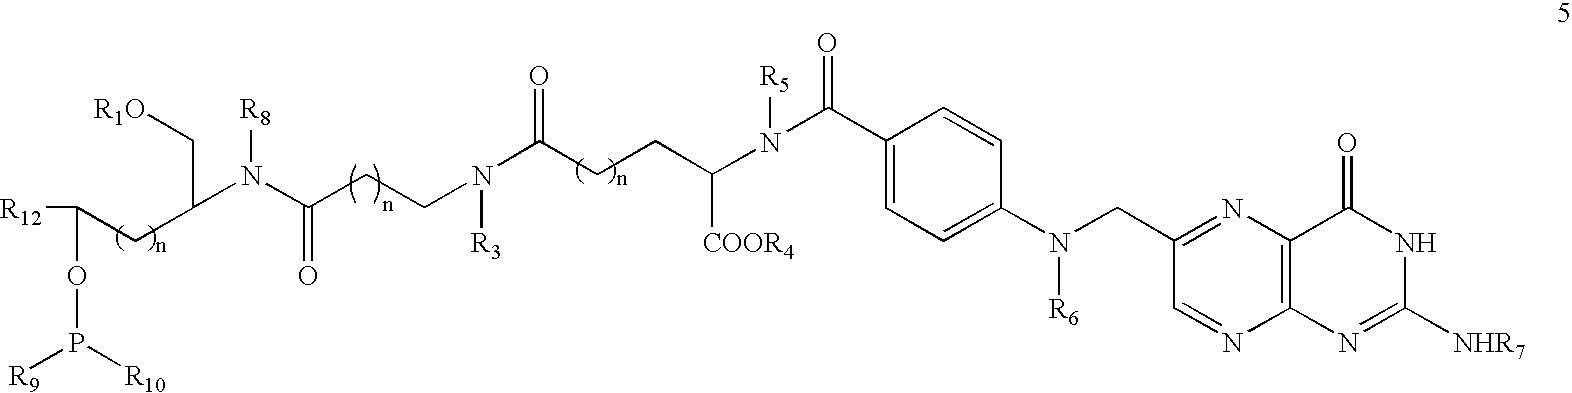 Figure US08232383-20120731-C00012